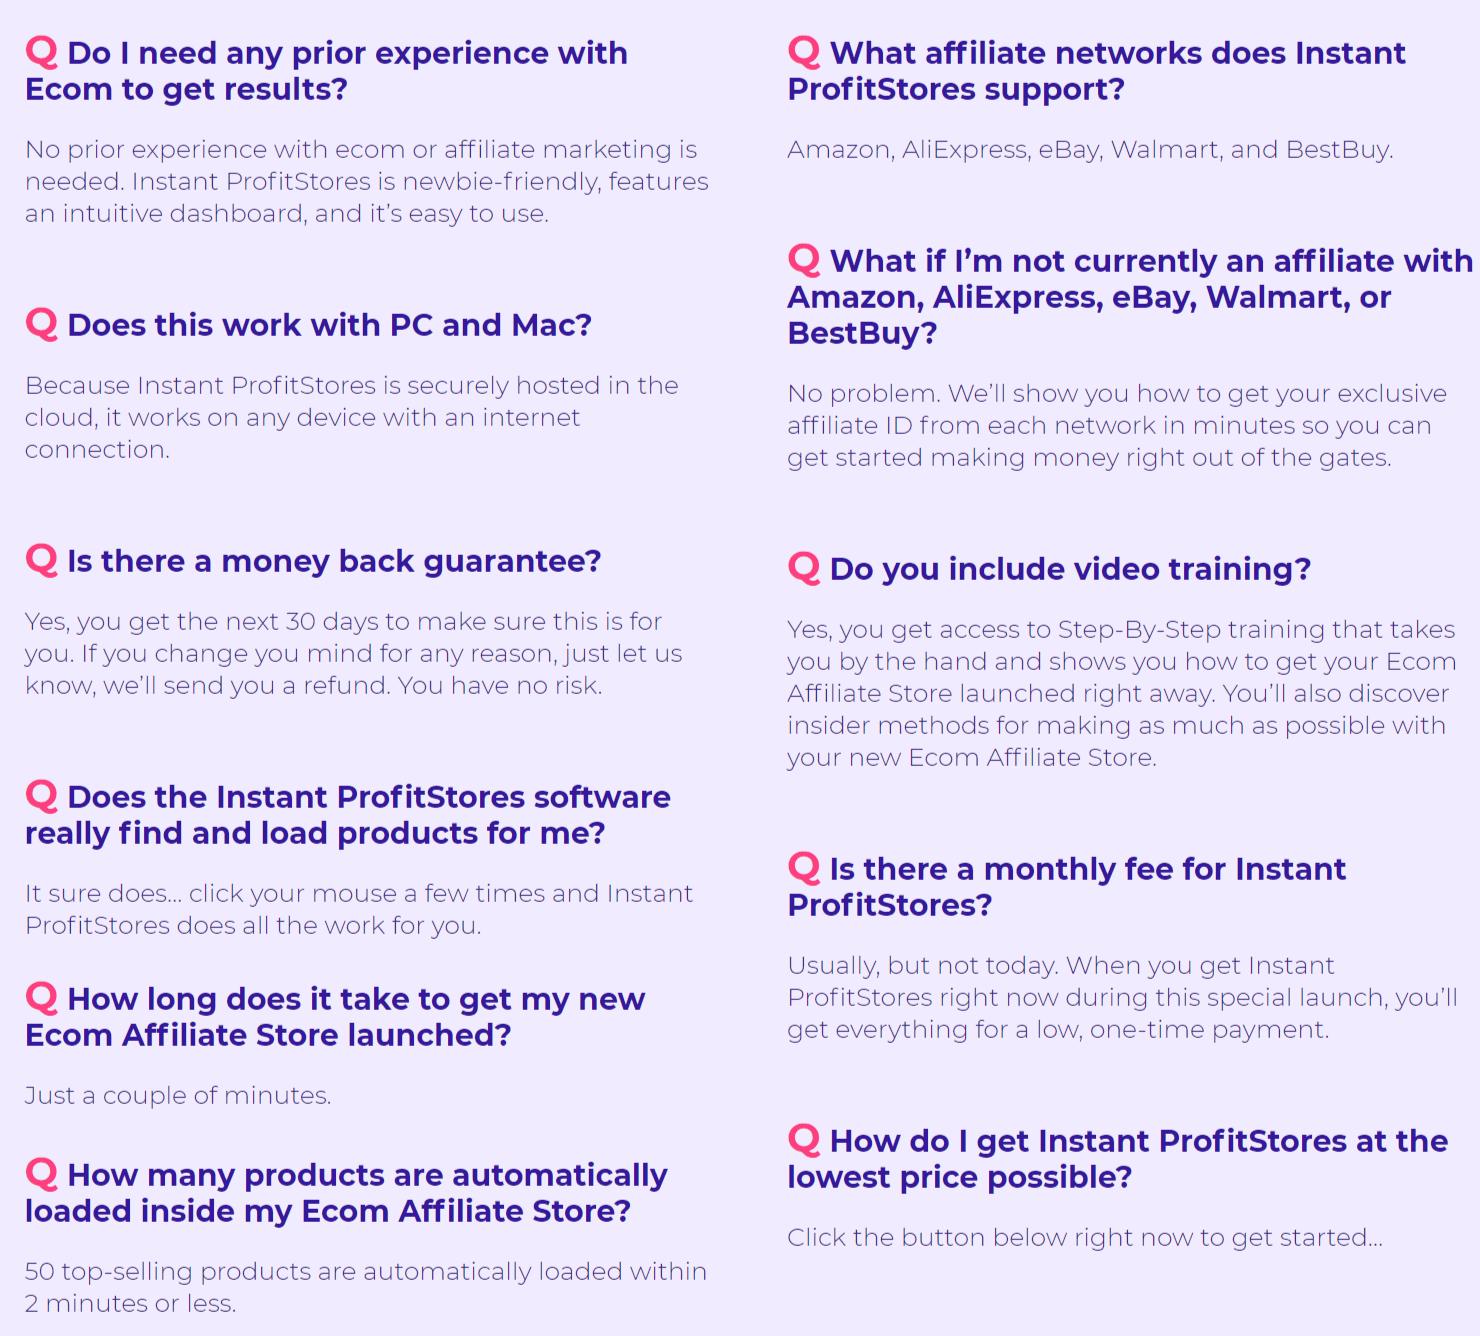 Instant-Profitstores-FAQ